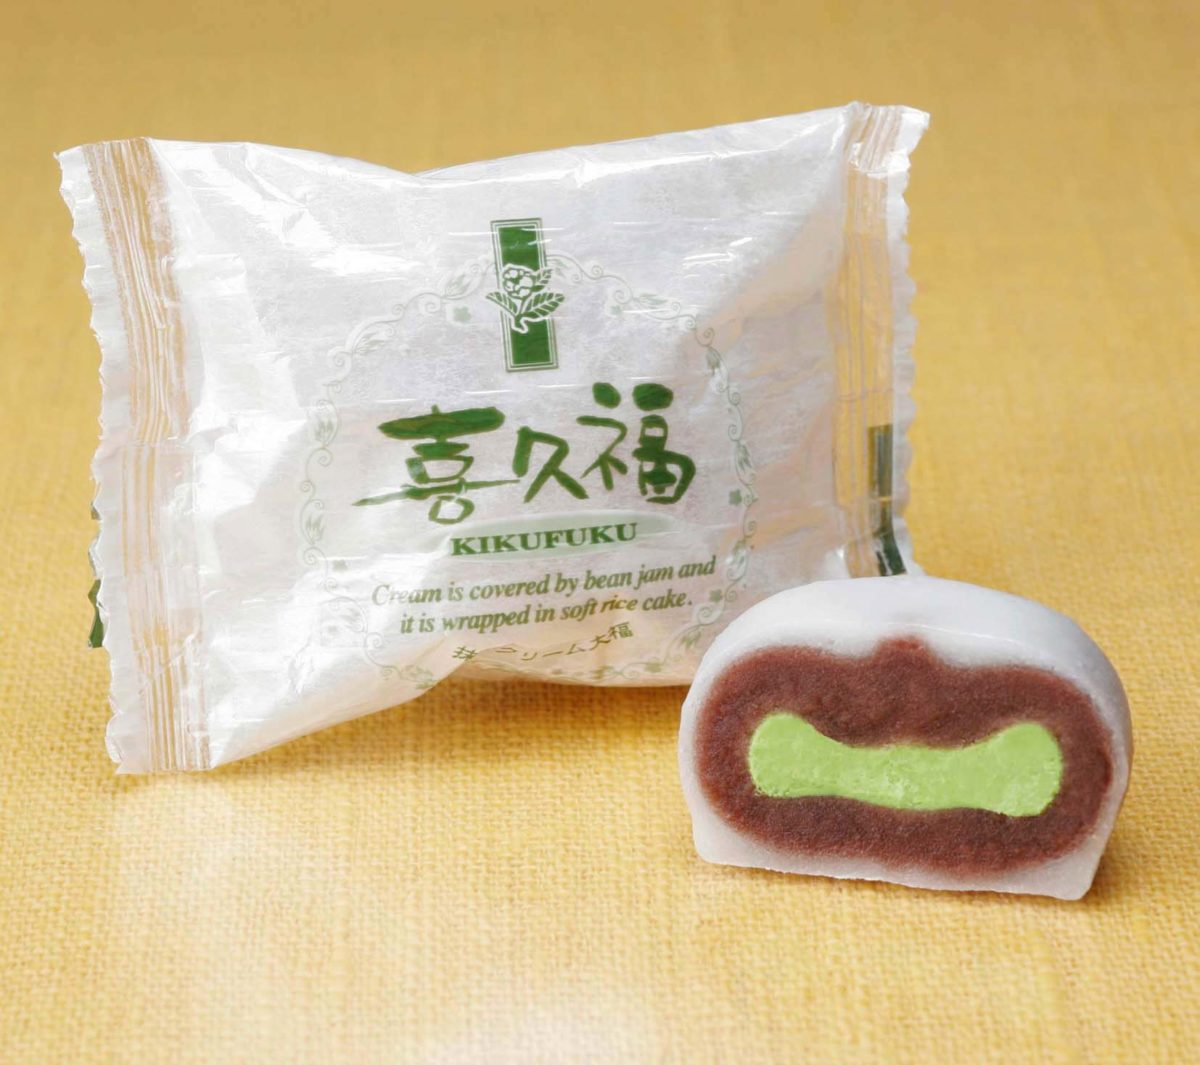 お土産・逸品:お茶の井ヶ田 喜久水庵